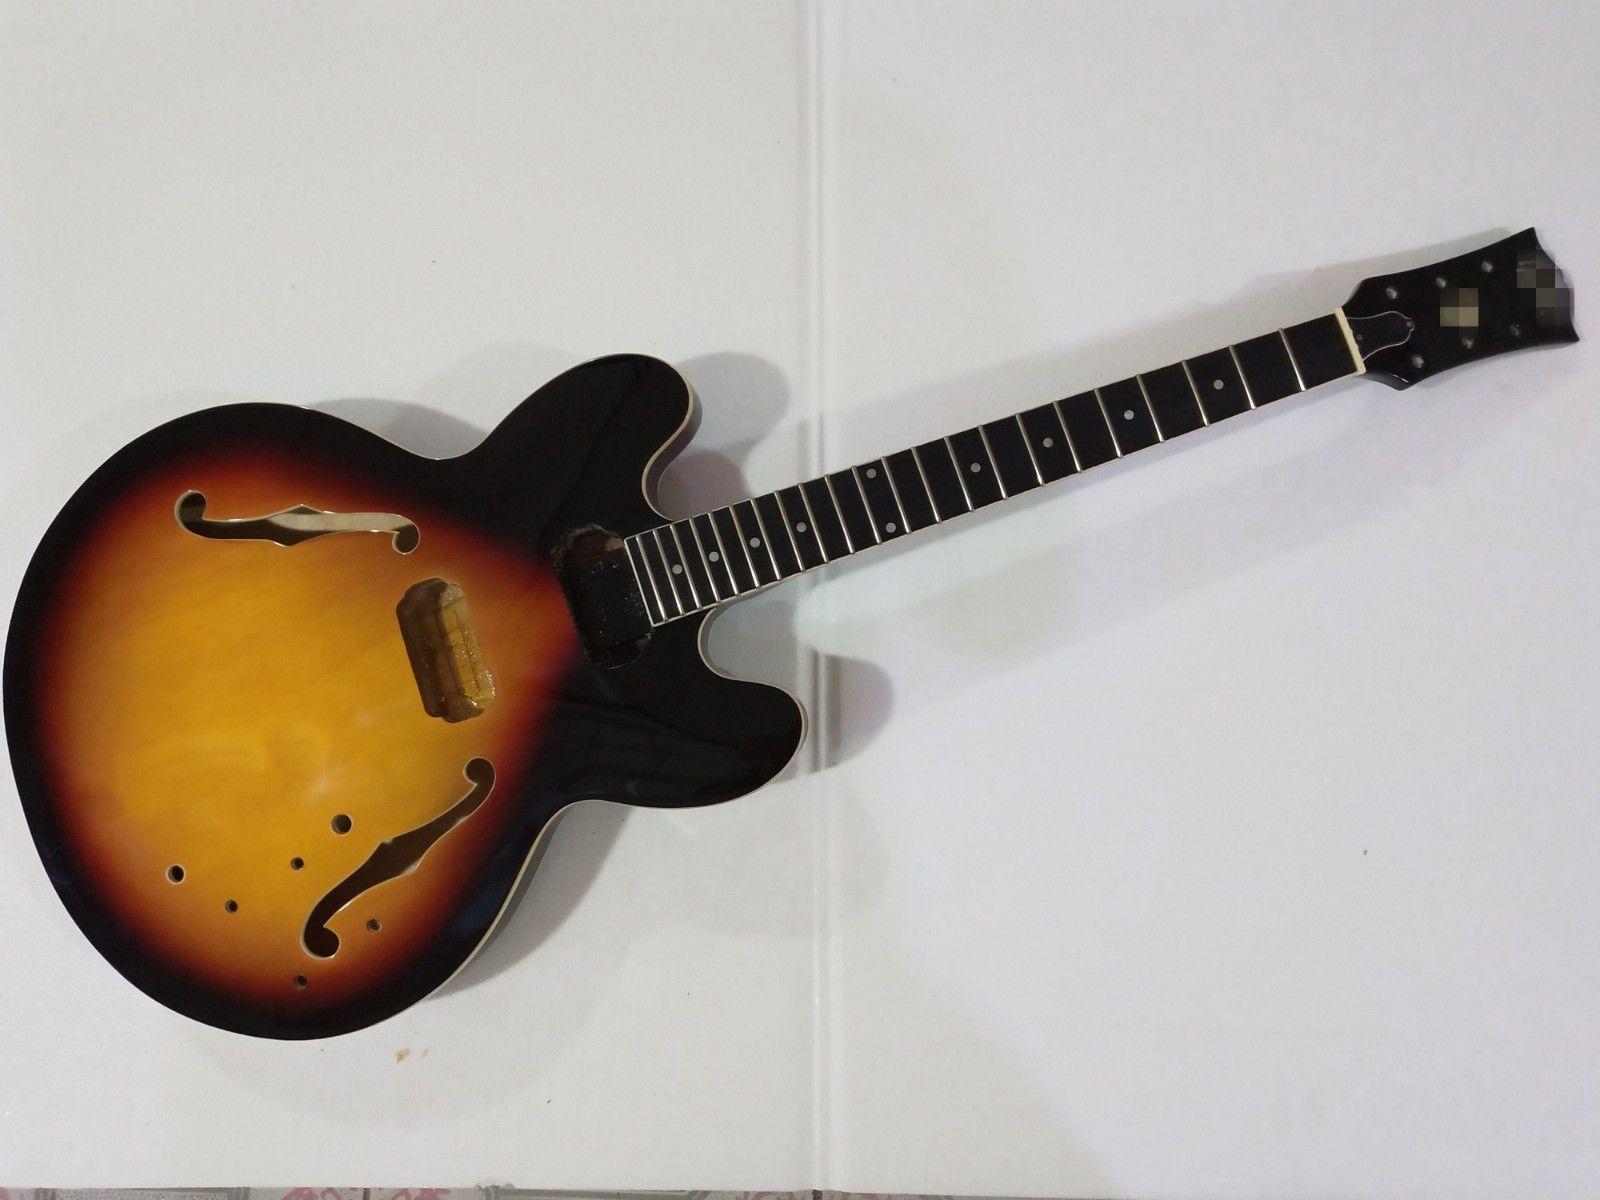 1 مجموعة الانتهاء من الغيتار الرقبة والجسم لمجموعة ES 335 نمط الغيتار عدة